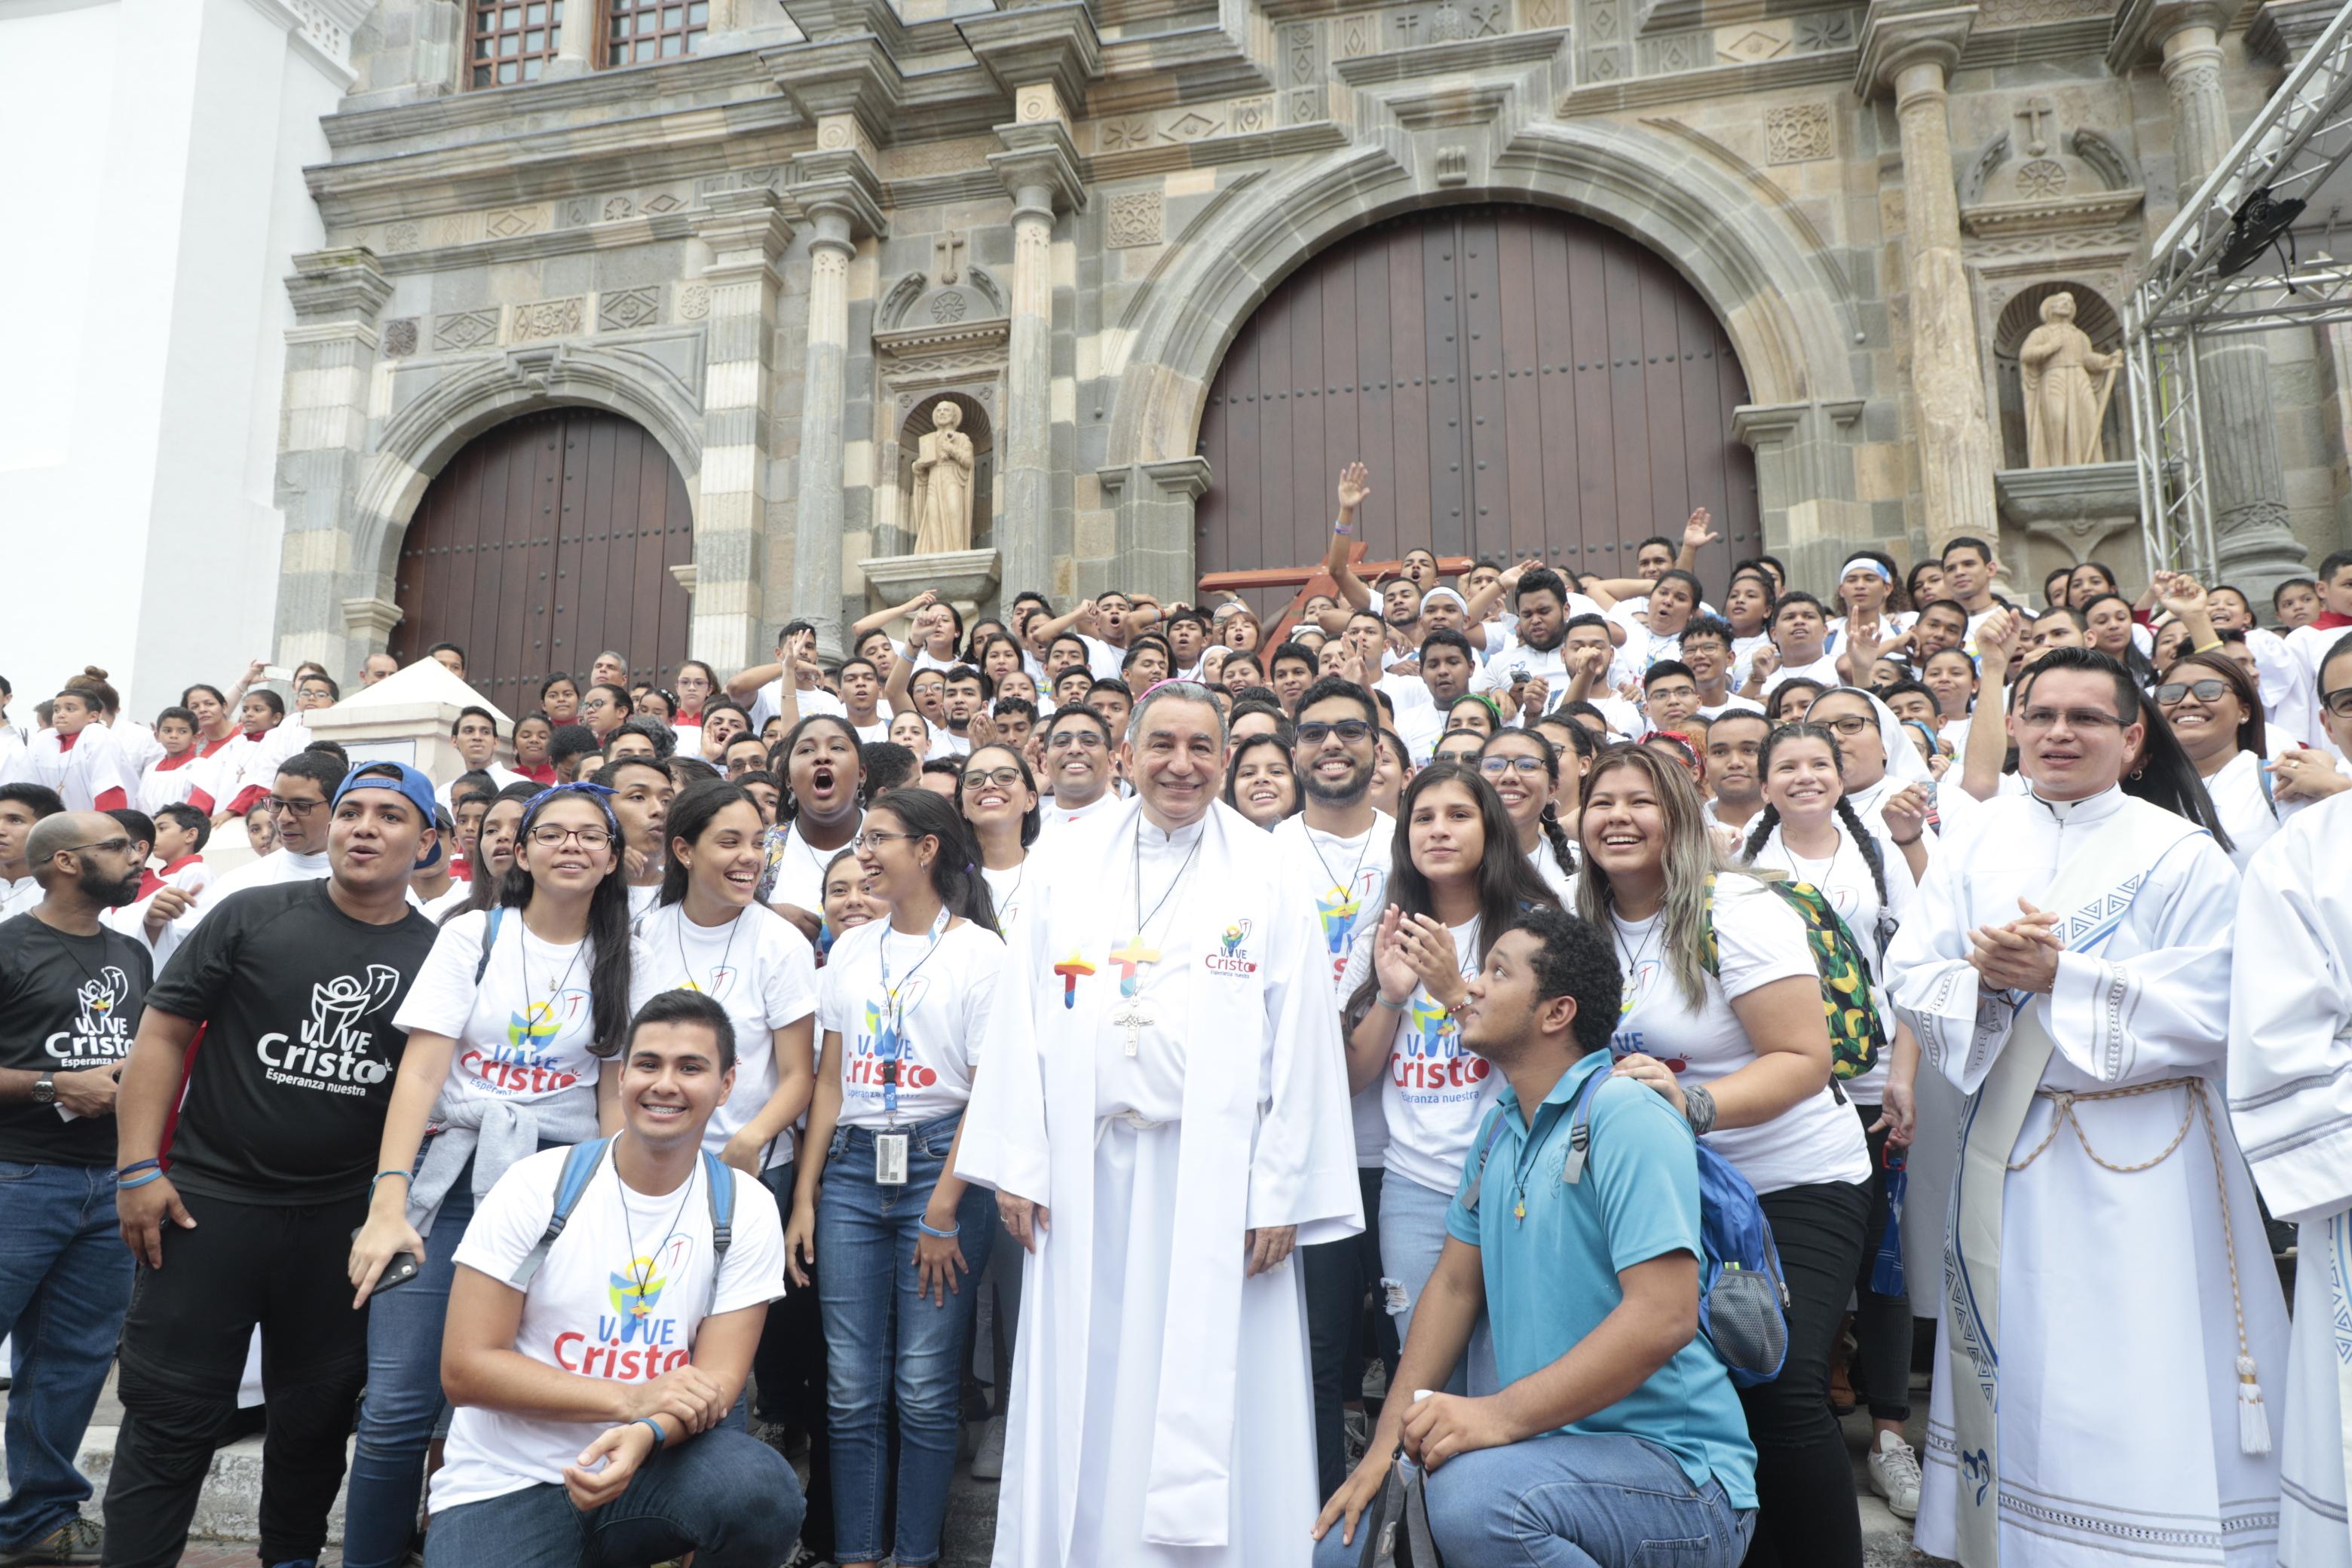 Líderes dispuestos a evangelizar a las jóvenes generaciones